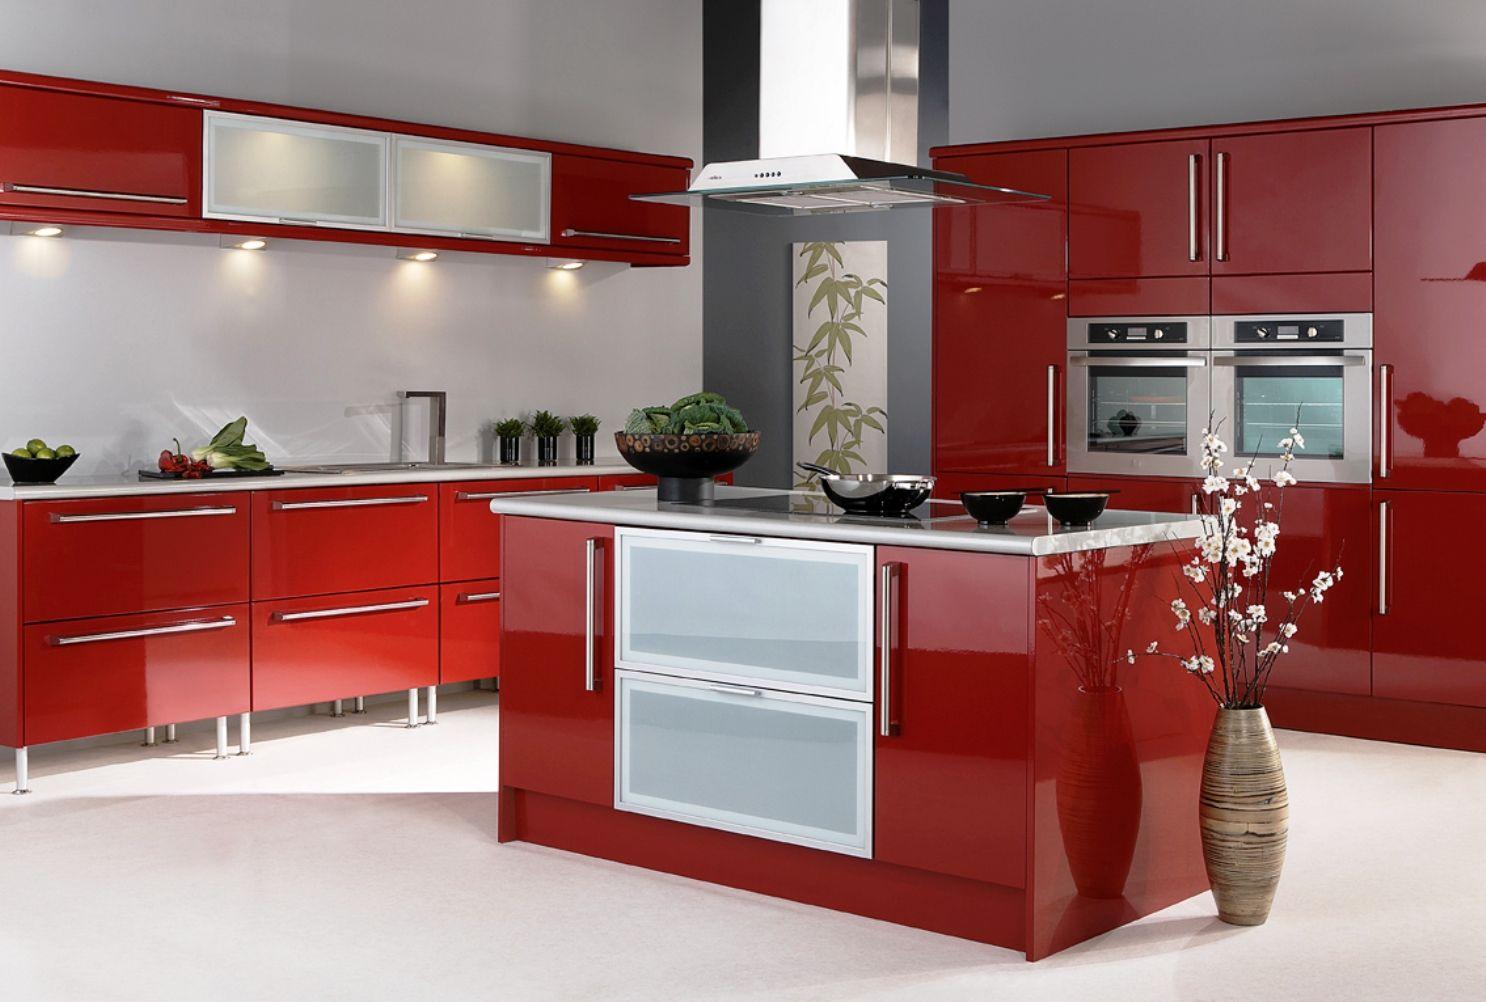 Küchenideen rot und weiß inspirierende edelstahl dunstabzugshaube plus für große küche ideen